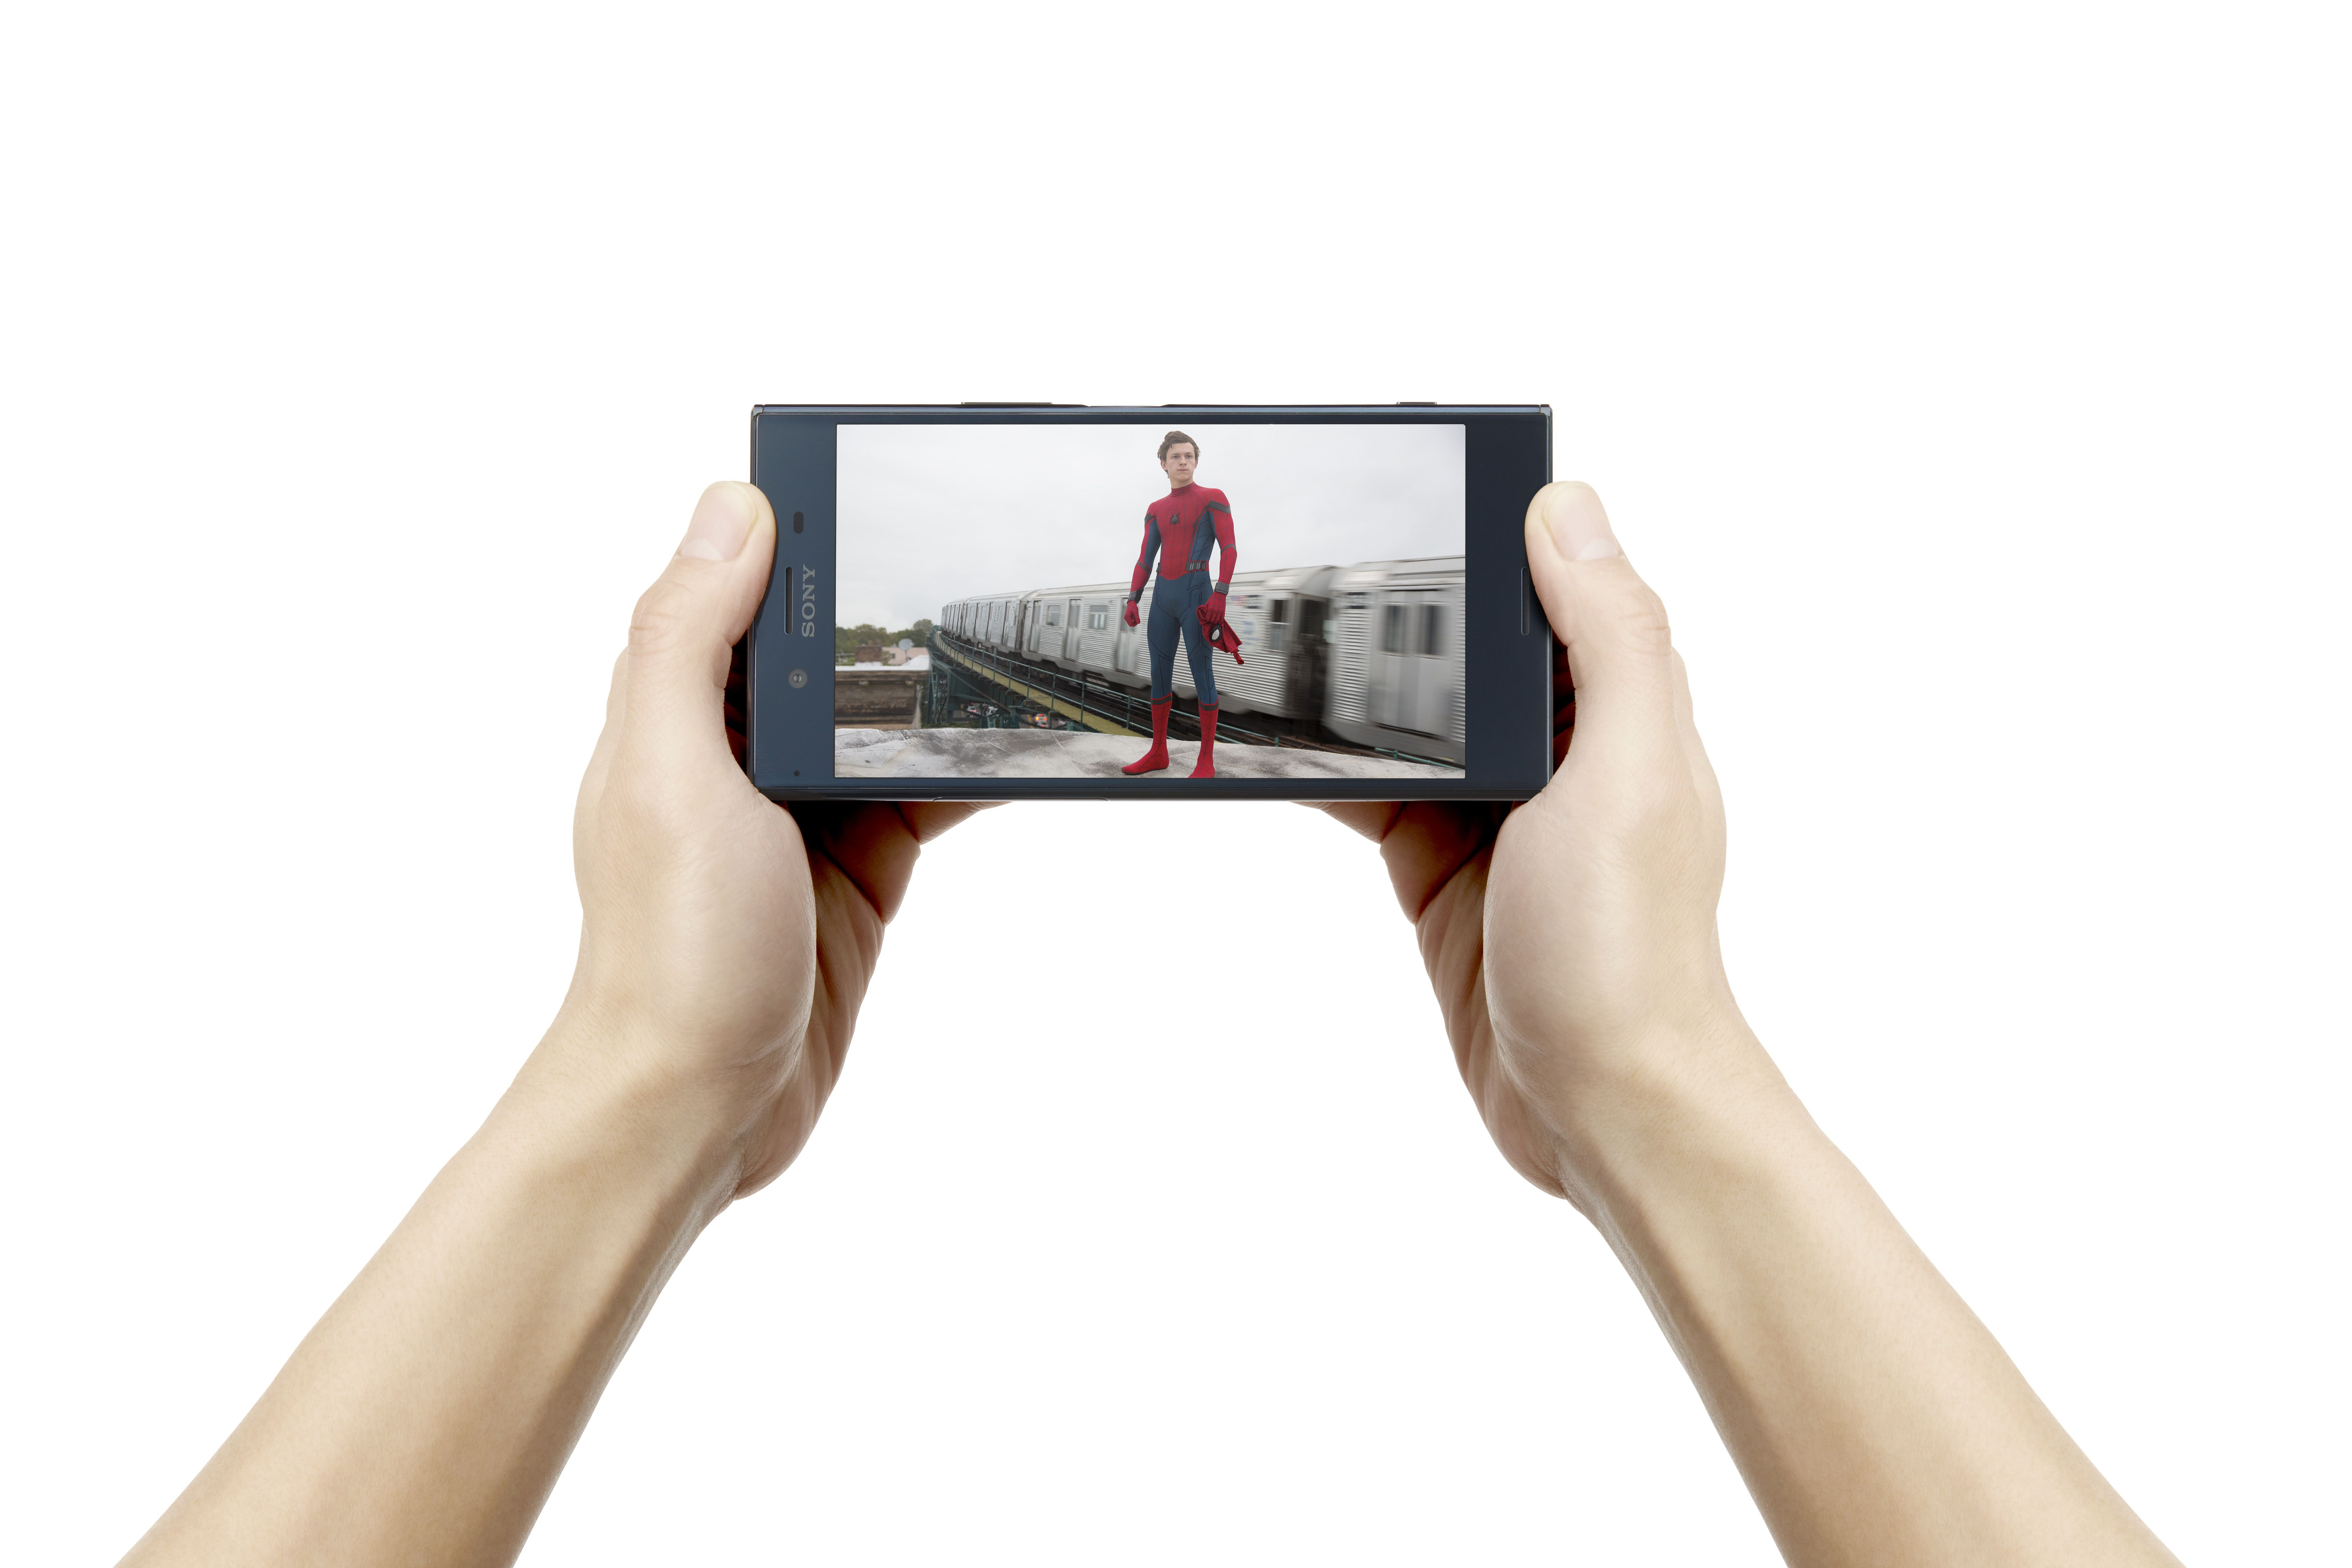 Sony Xperia XZ Premium Render 2